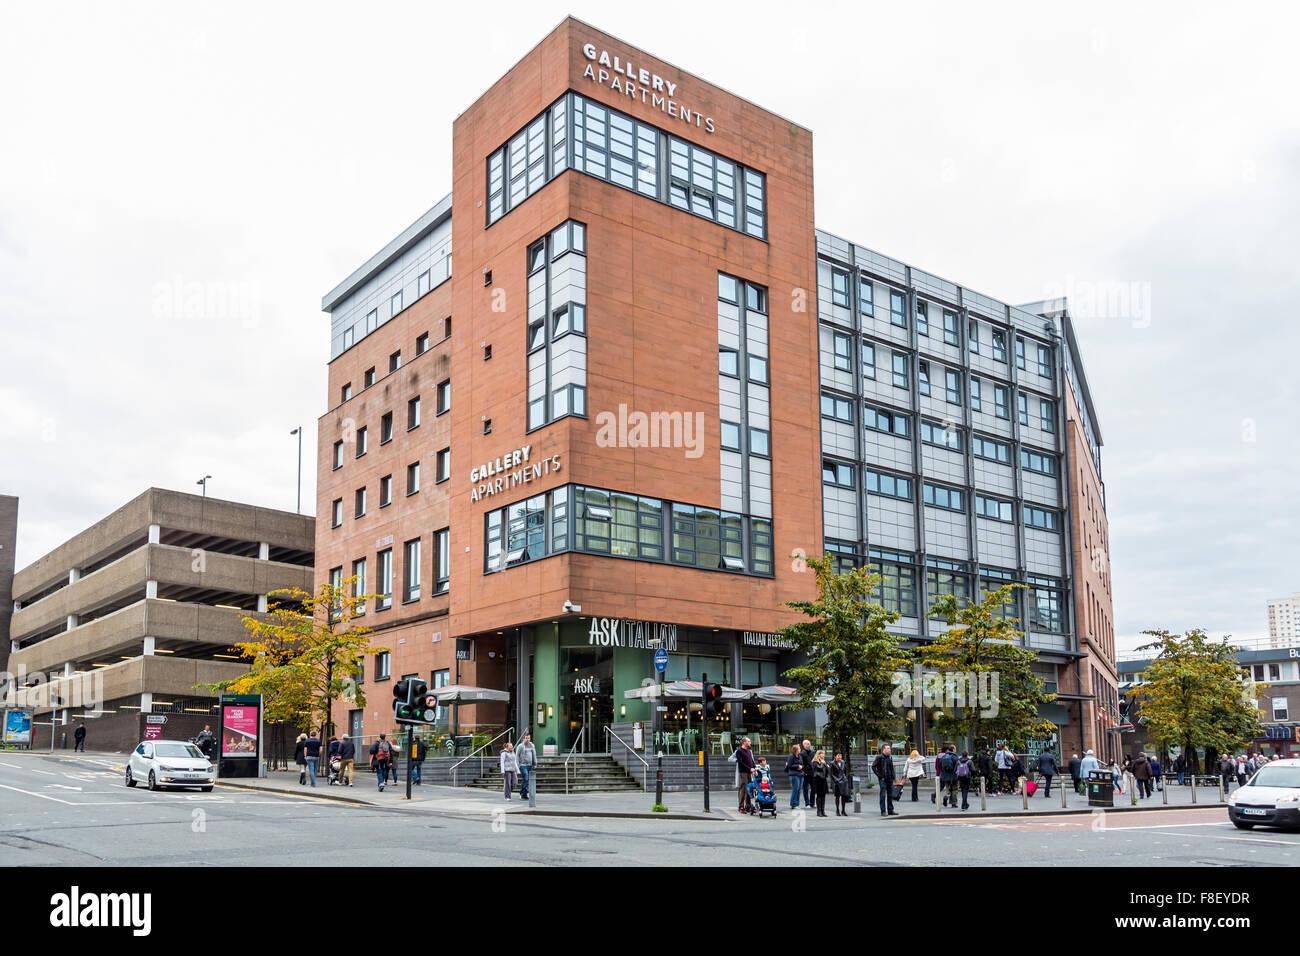 Gallery Apartments chambres d'étudiants dans le centre-ville de Glasgow, Écosse, Royaume-Uni Photo Stock